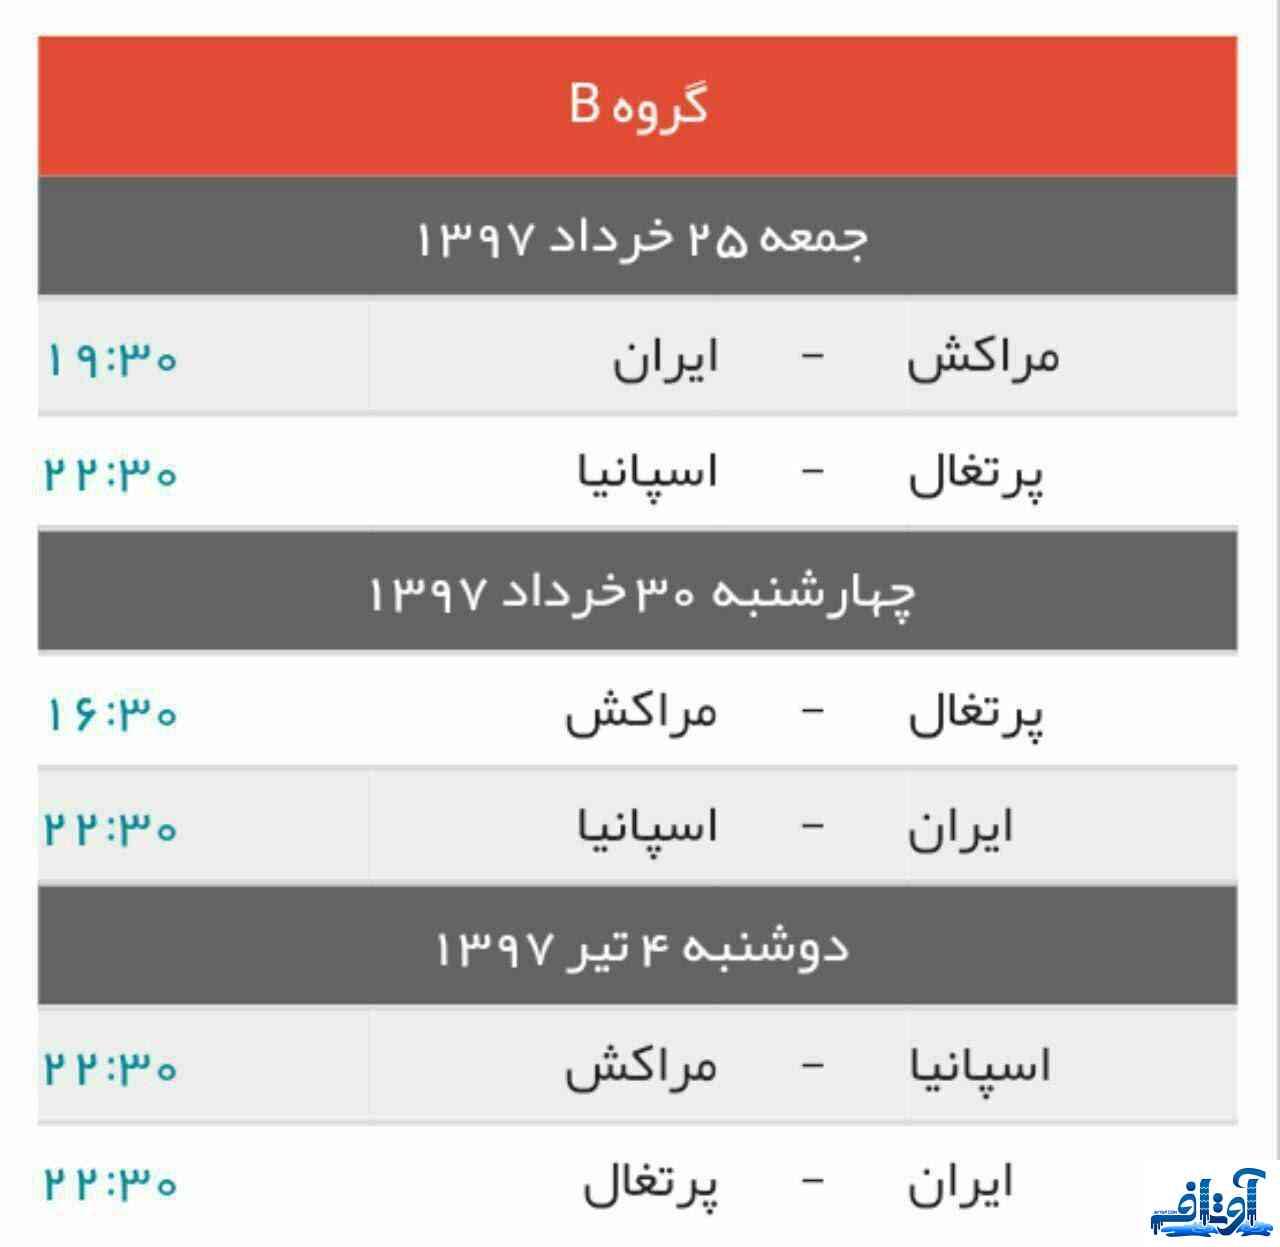 لیست نهایی تیم ملی ایران در جام جهانی ۲۰۱۸ + جدول زمانی بازی ها